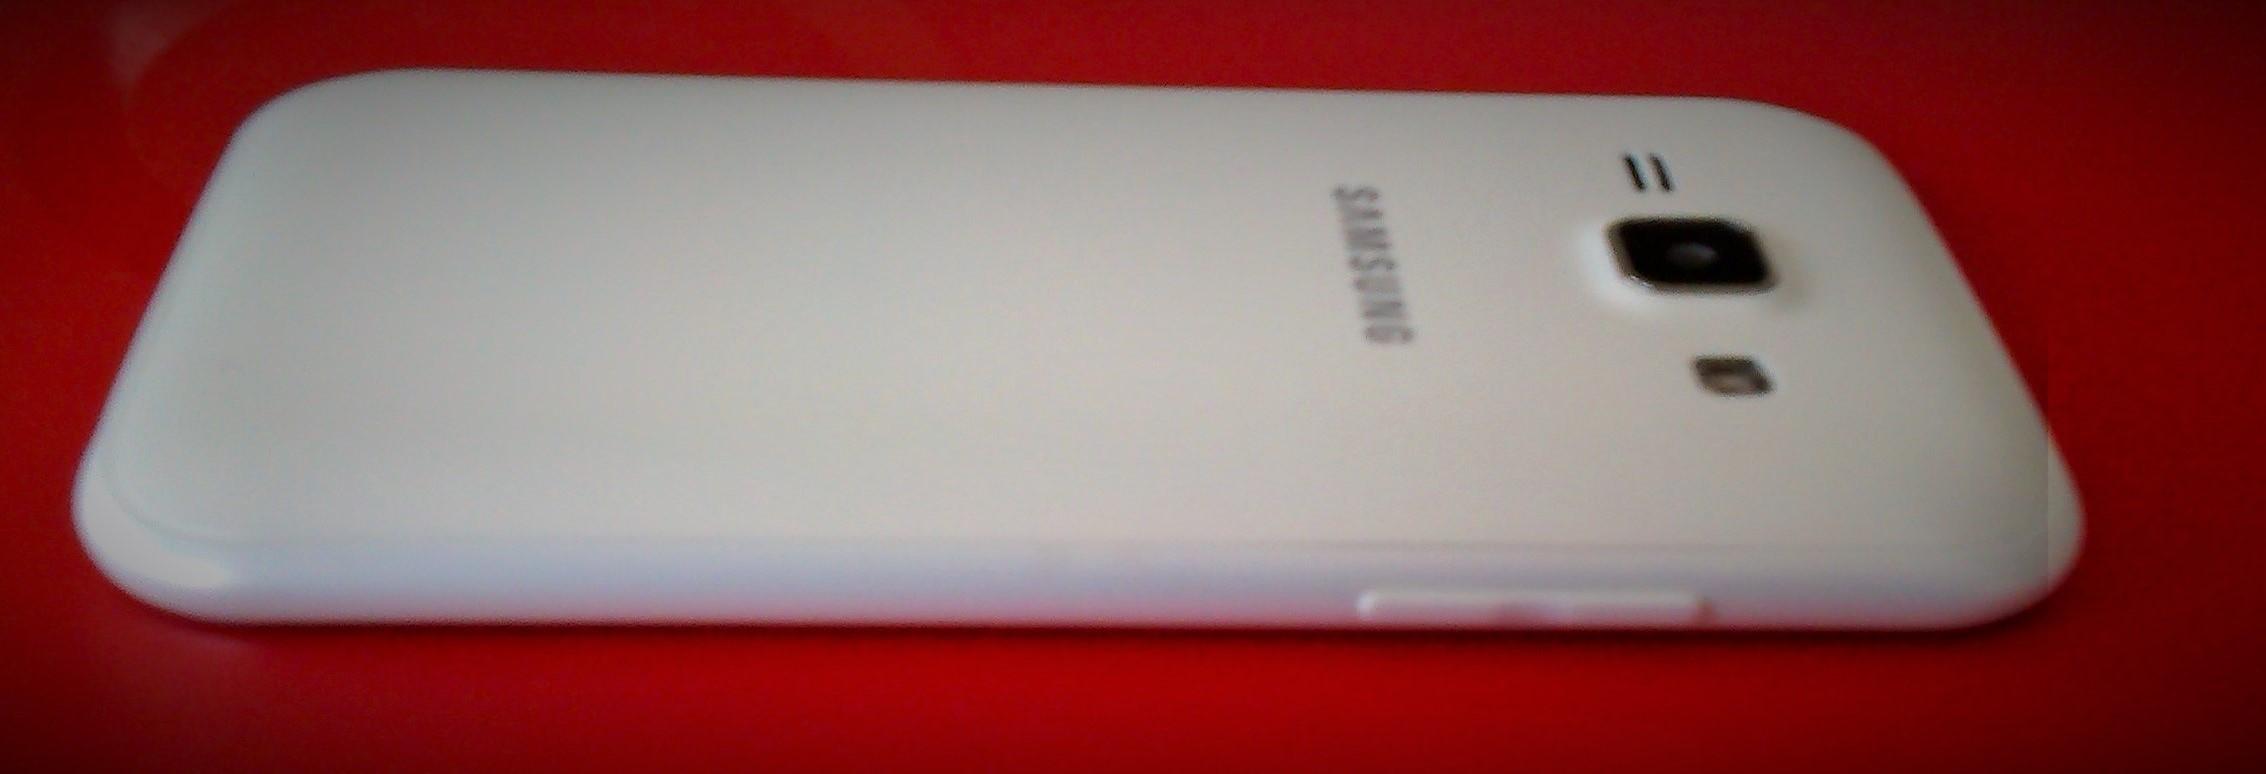 Samsung Galaxy J100 (13)